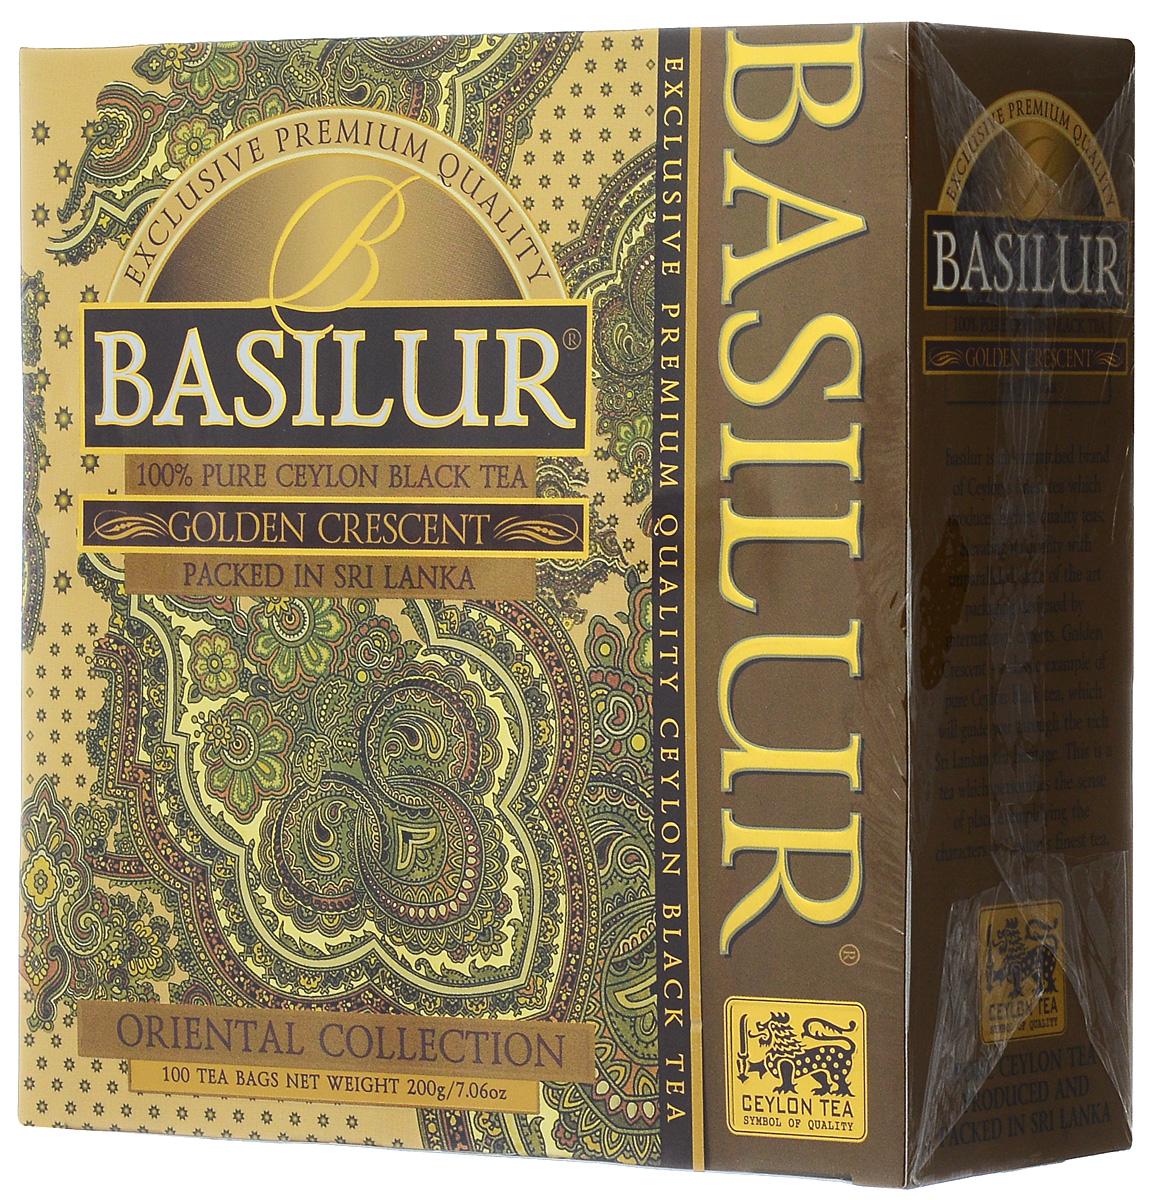 Basilur Golden Crescent черный чай в пакетиках, 100 шт принцесса канди цейлон черный чай в пакетиках 100 шт